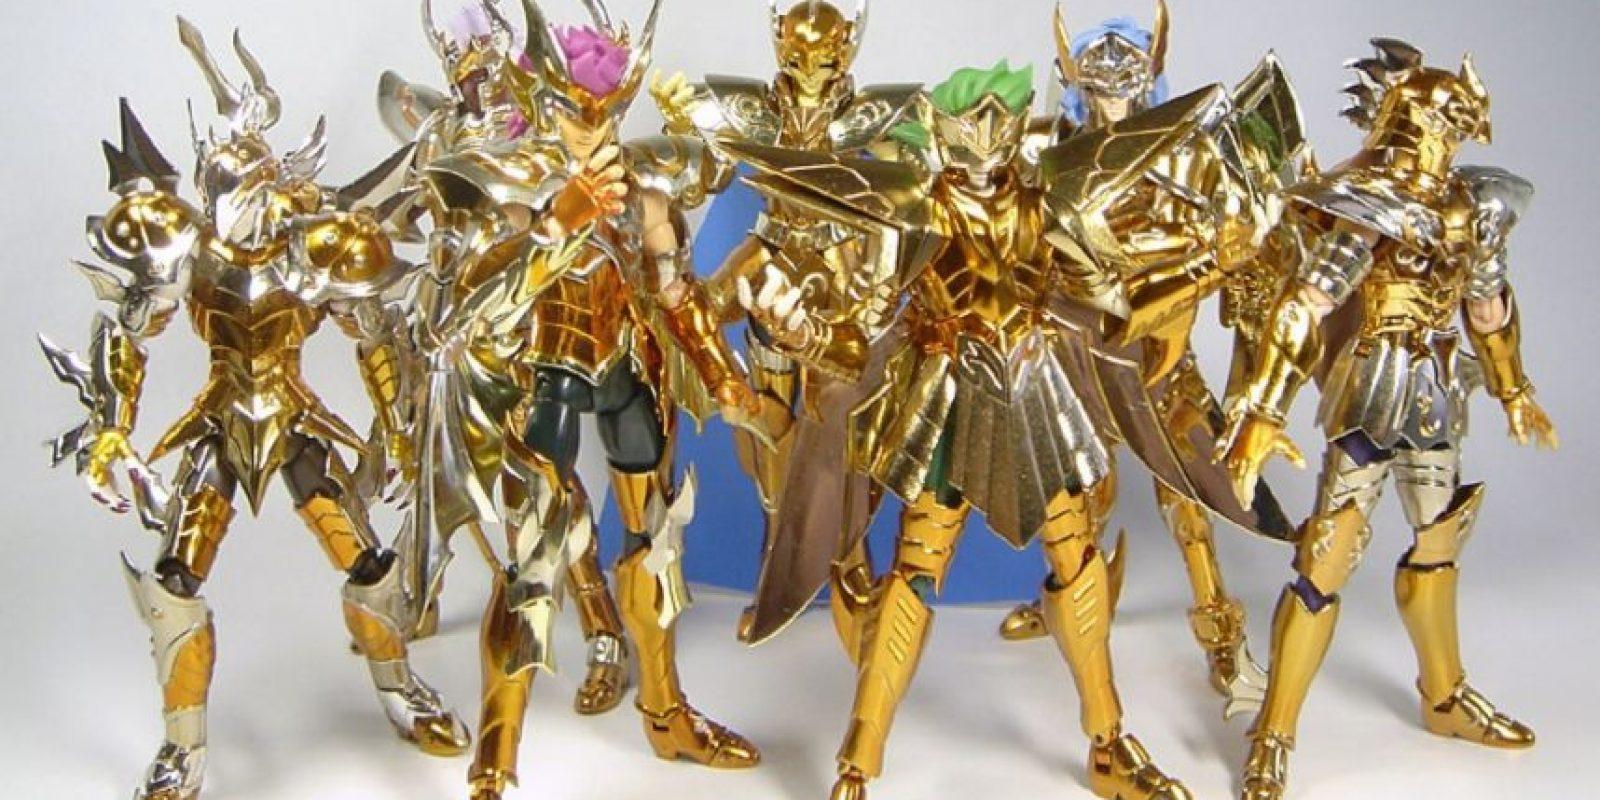 Los Caballeros del Zodiaco pero los de Bandai, nada de los piratas. Foto:Bandai